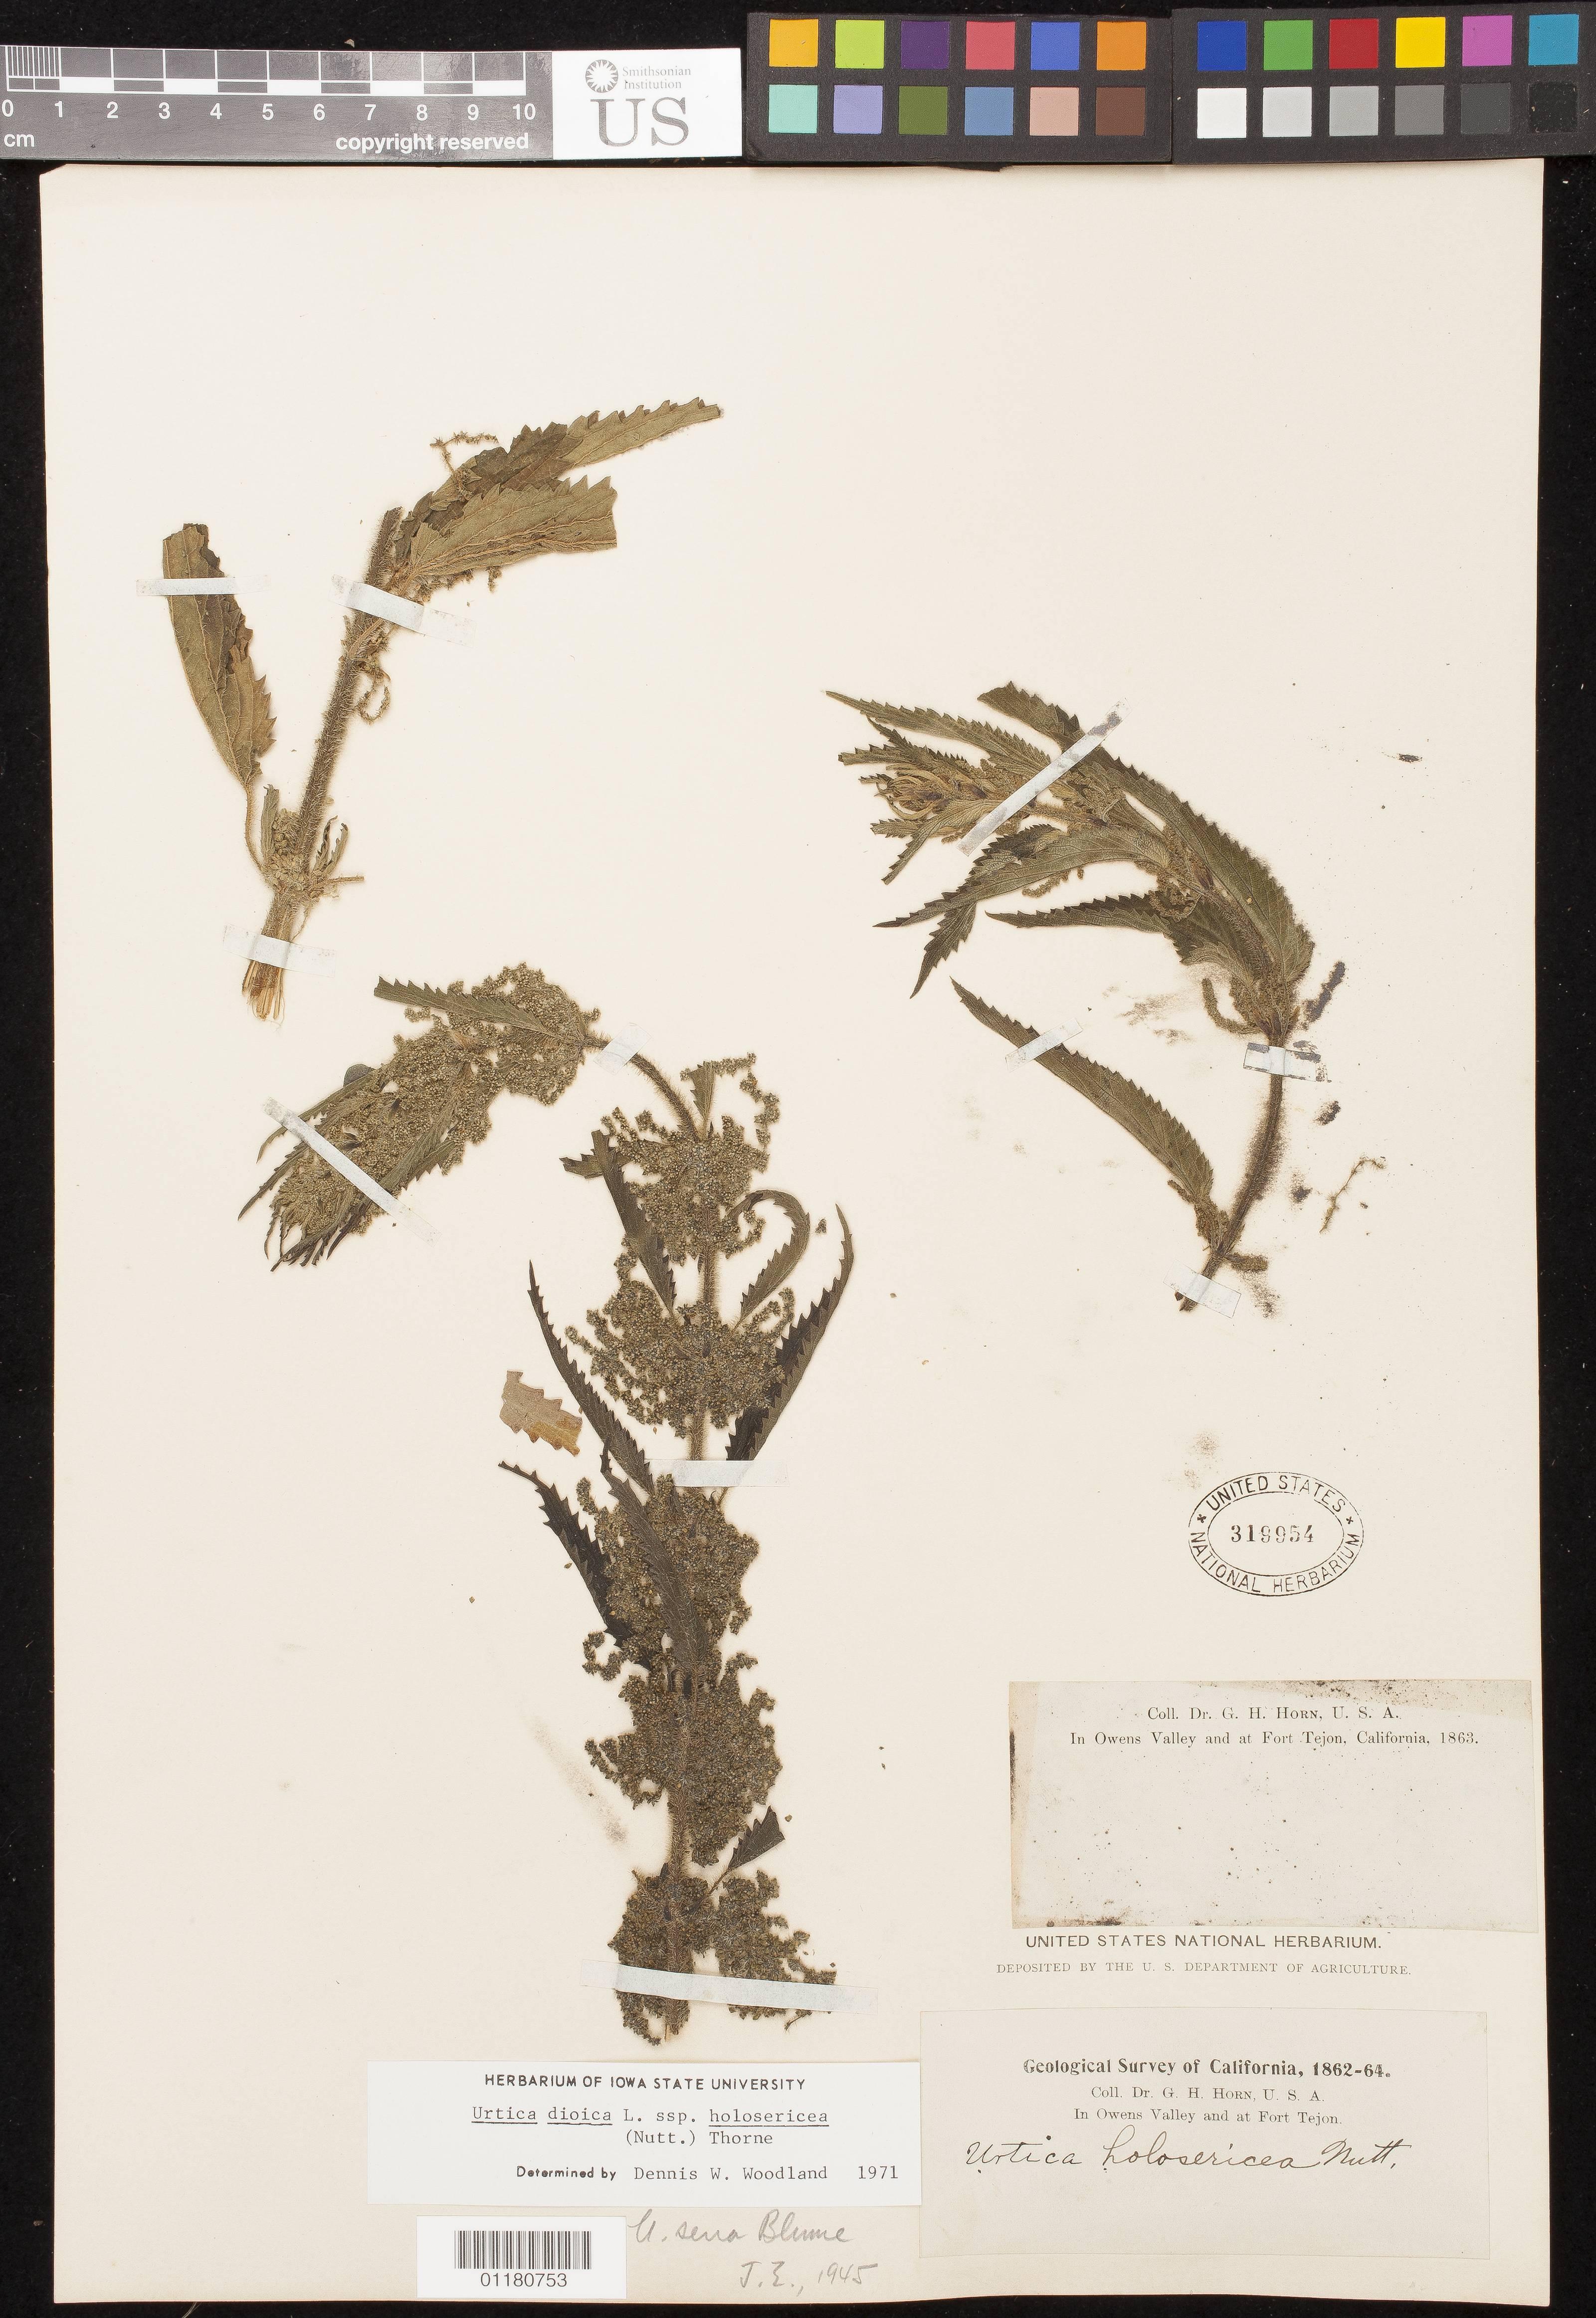 Image of stinging nettle